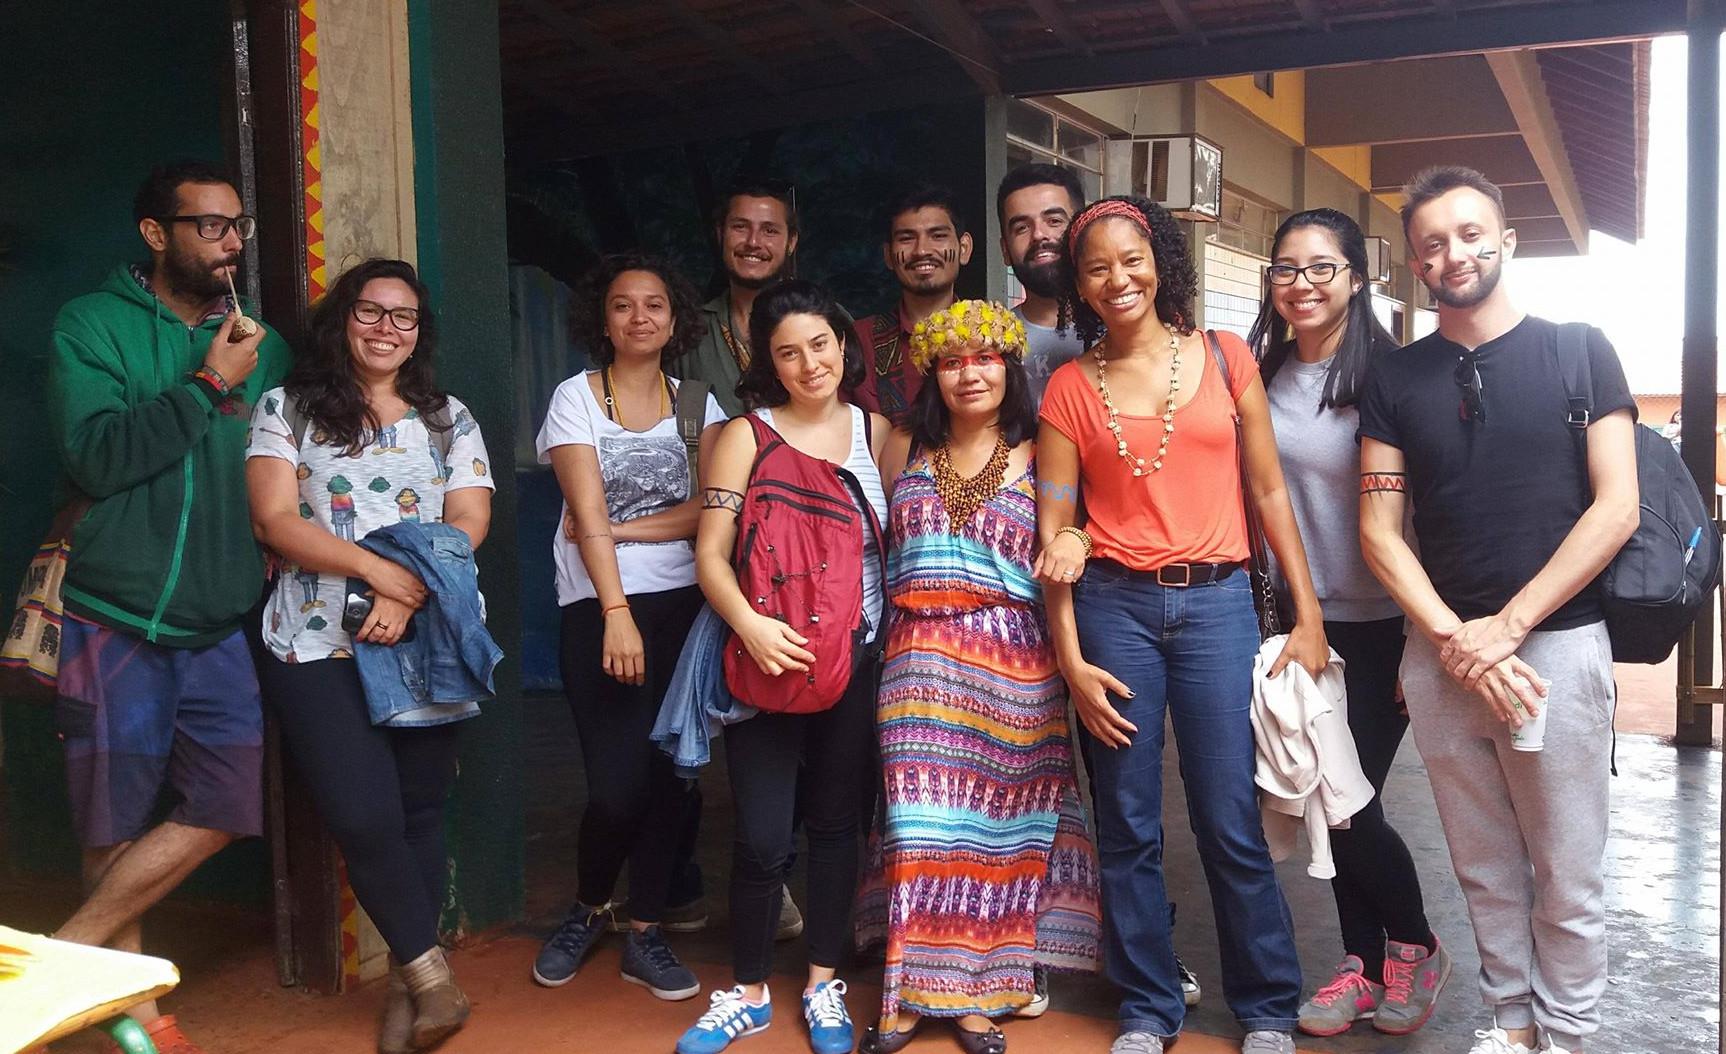 Delmira com um grupo de estudantes e professores da UNILA